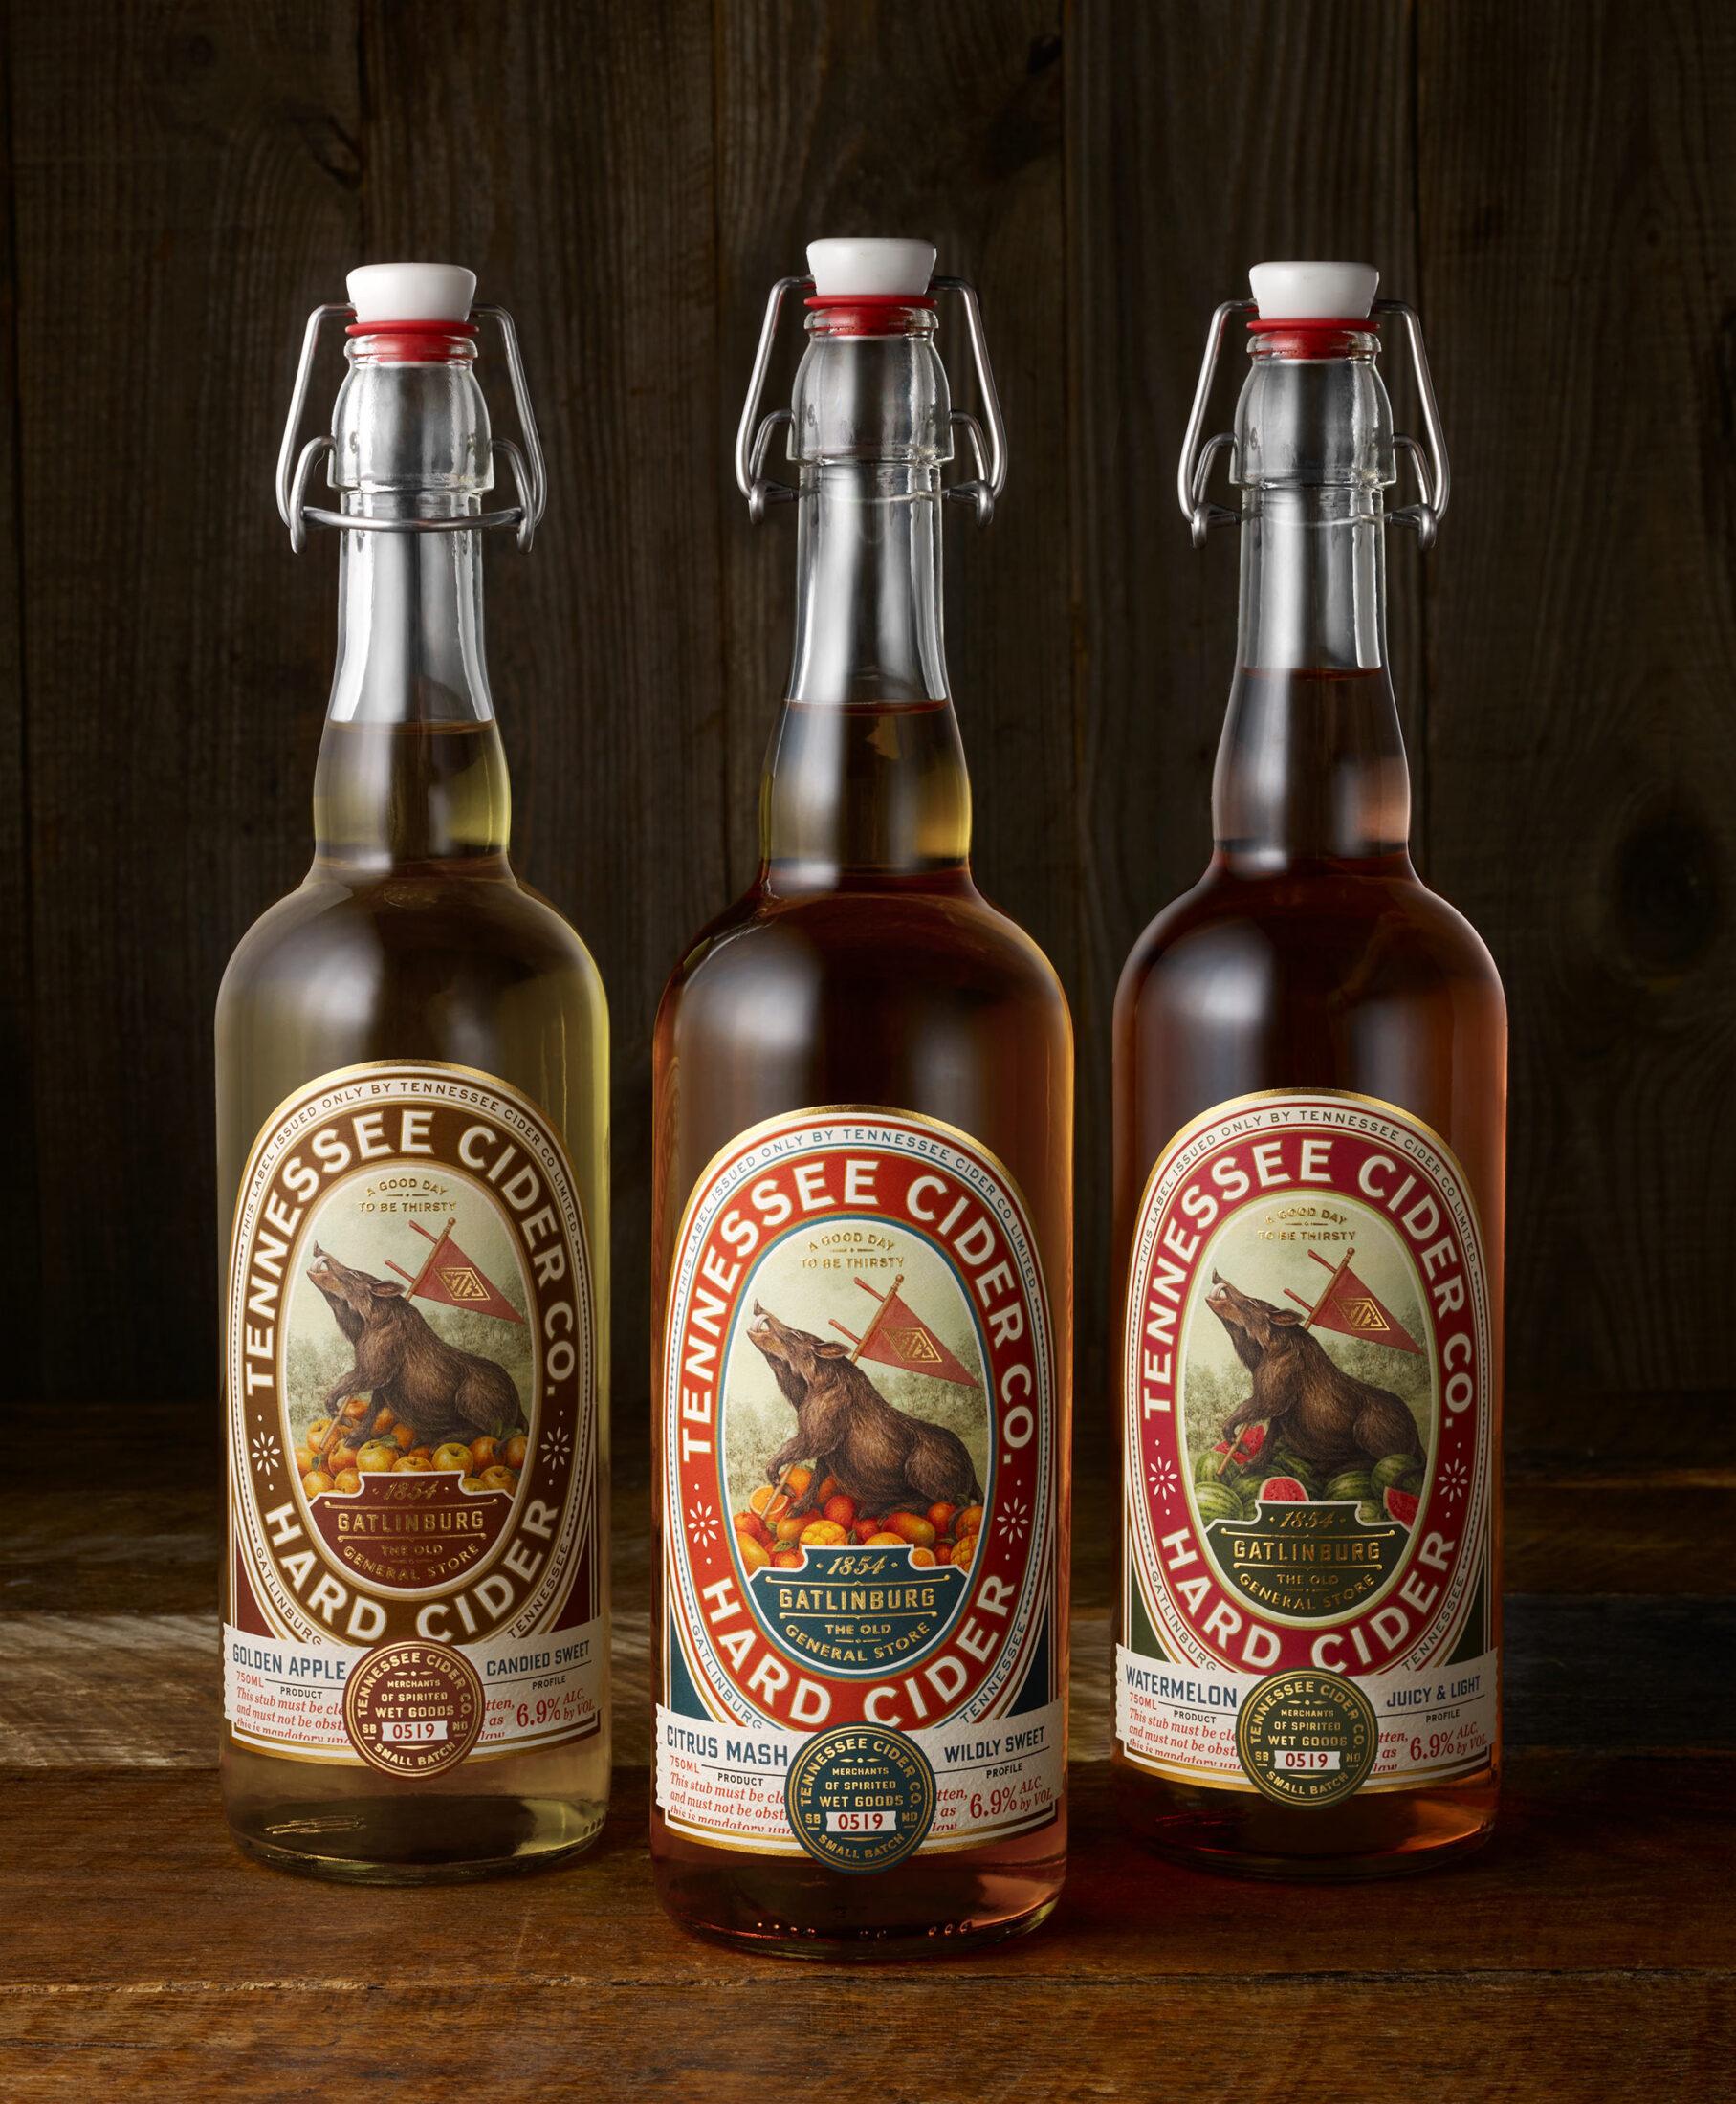 Tennessee Cider trio - Chad Michael Studio